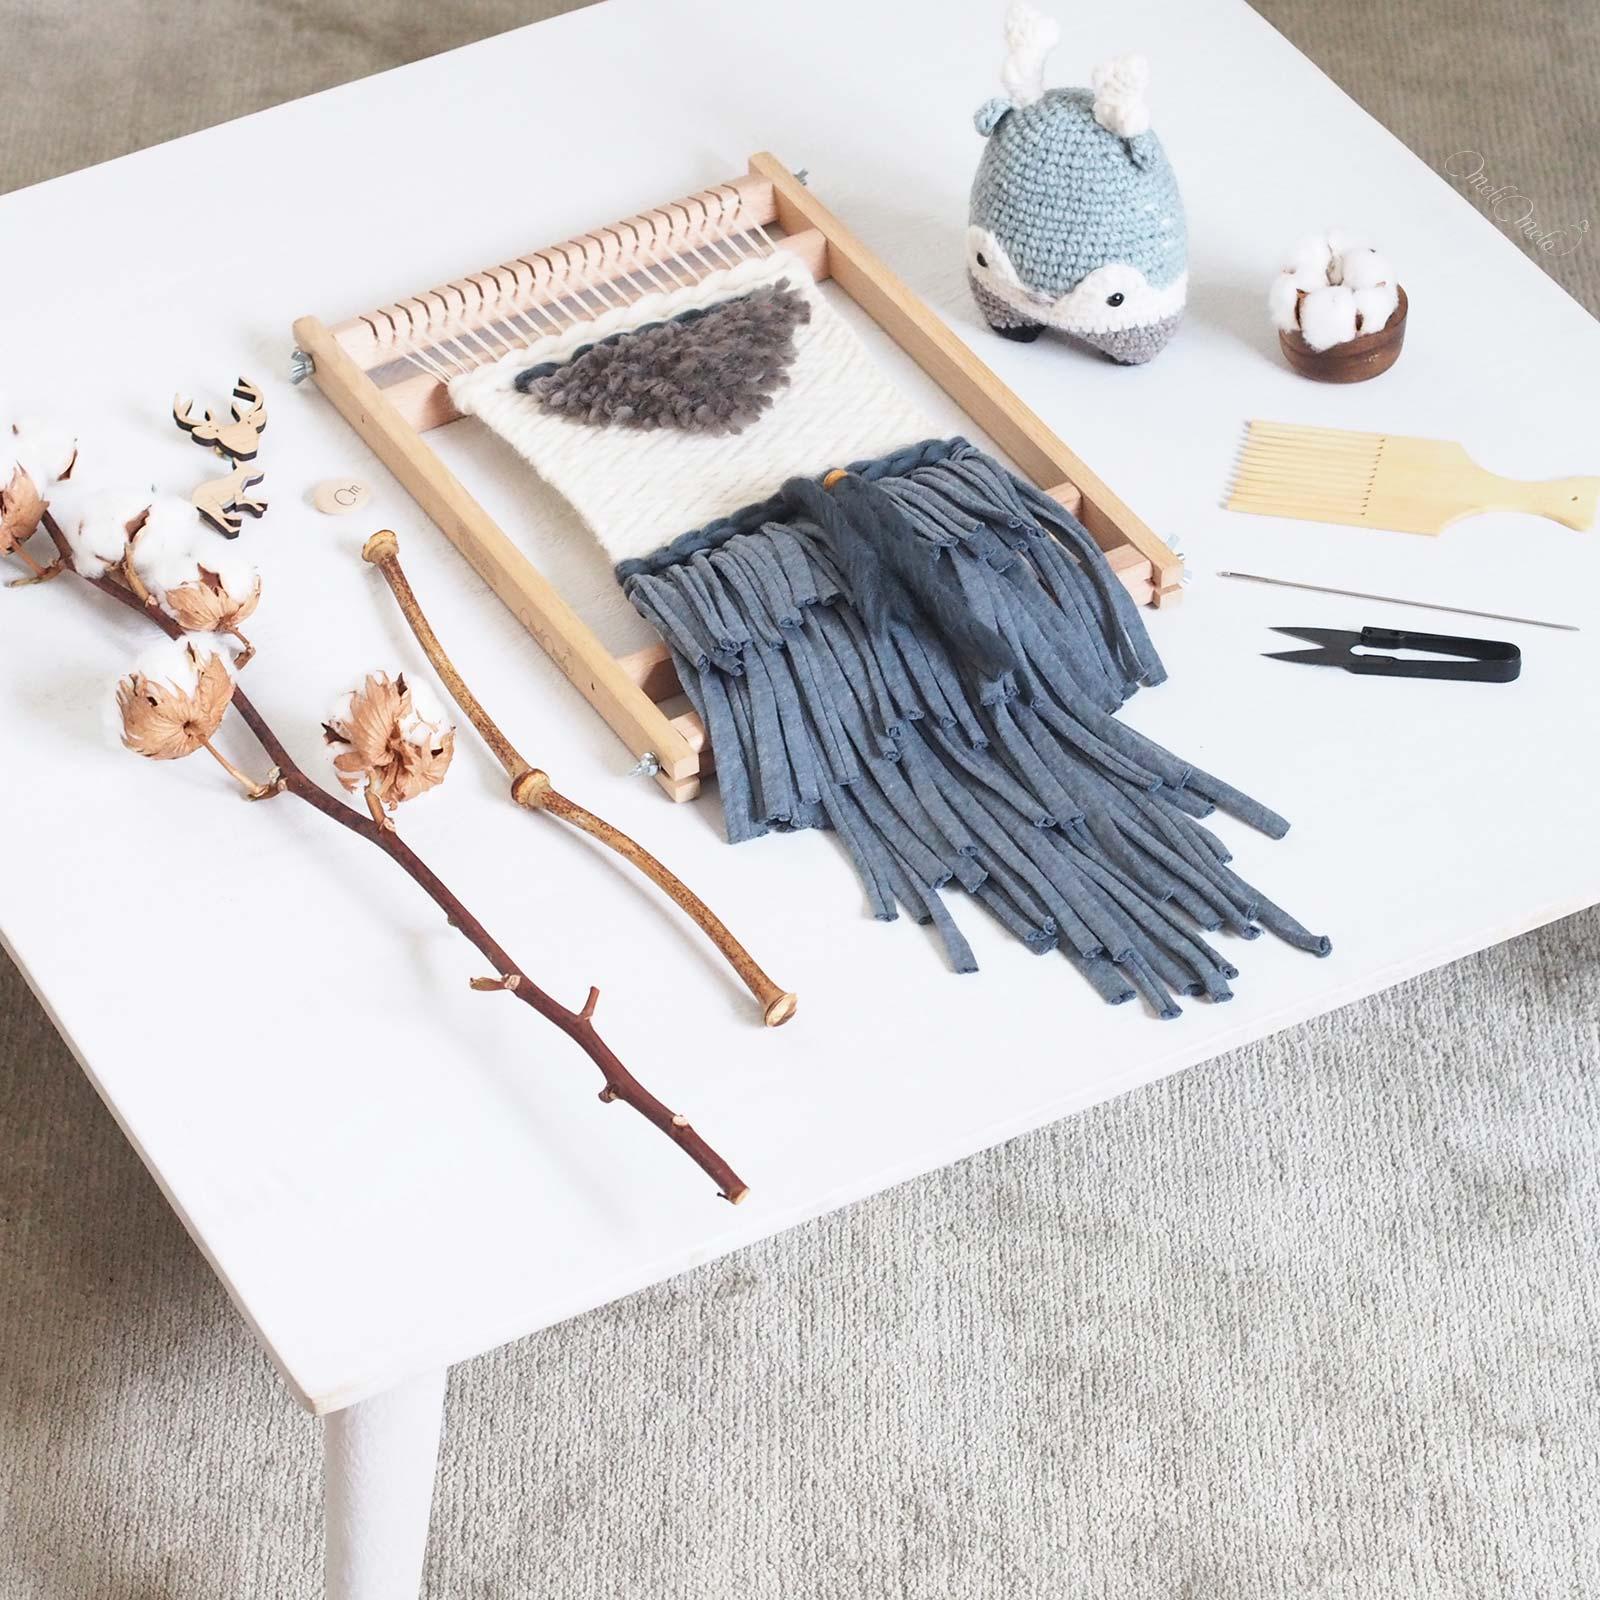 tissage laine Fleur de coton qutuun blue preston table hawkeandthorn wool woolandthegang weareknitters trapillo rosascrafts laboutiquedemelimelo